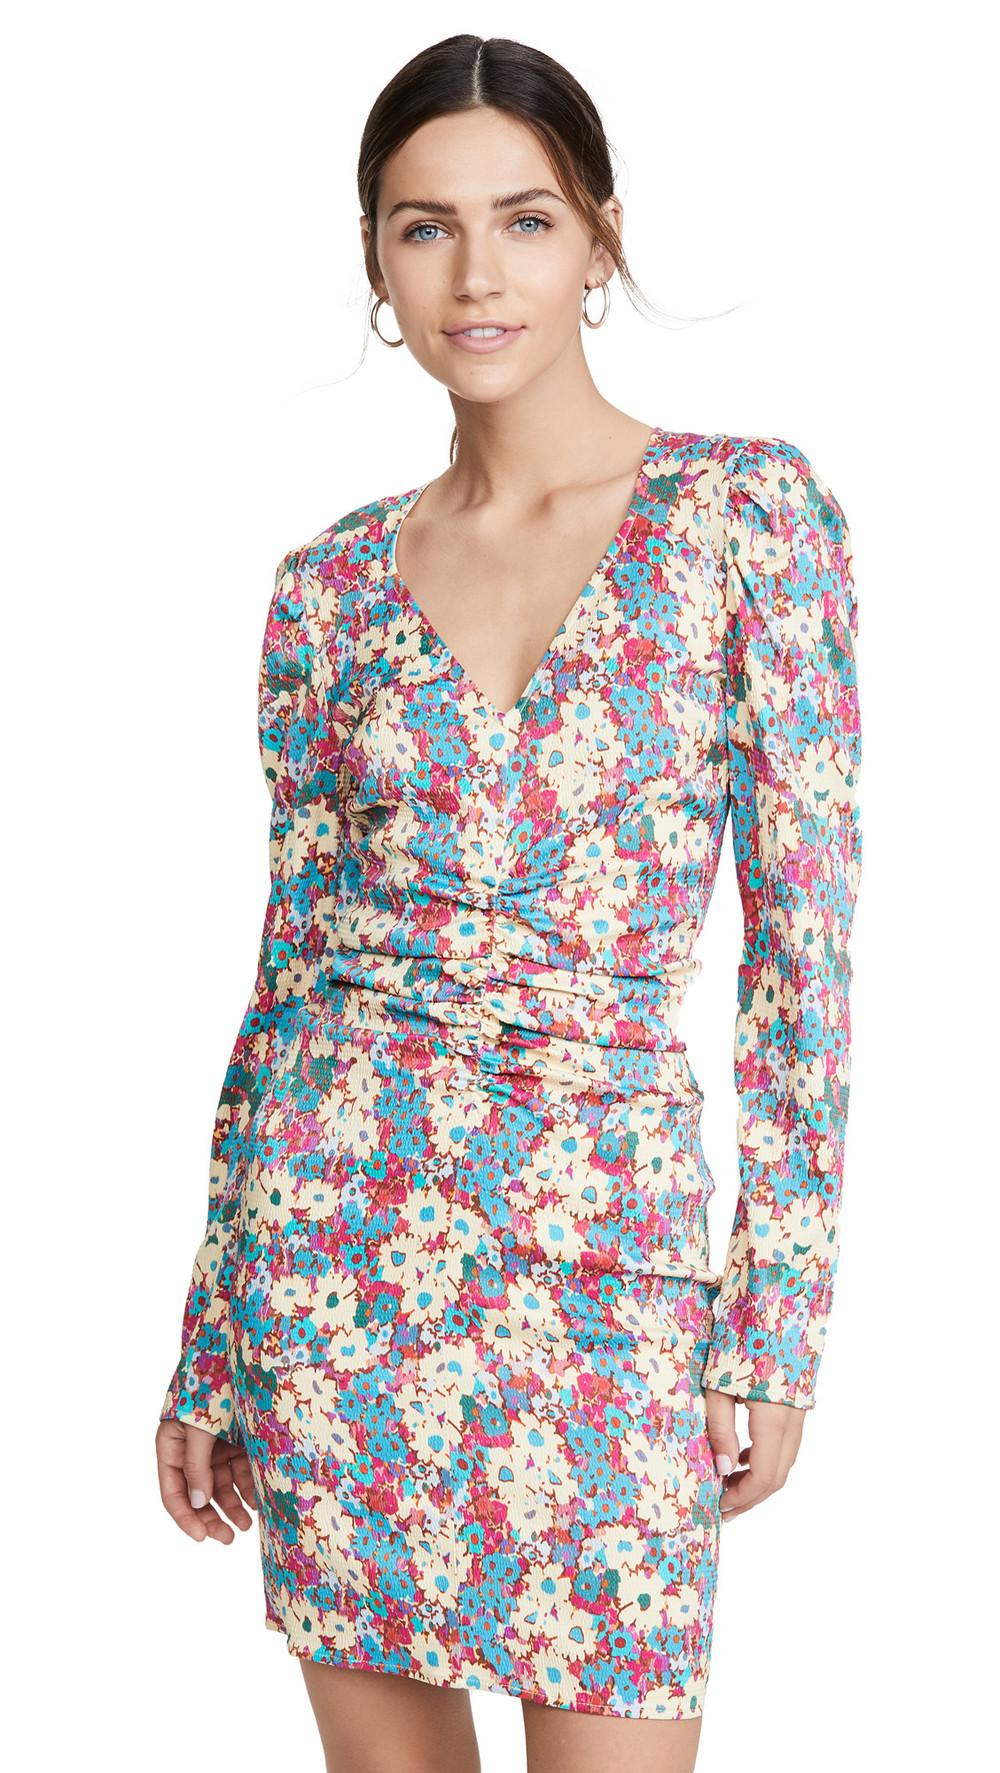 Stine Goya Cosme Dress in teal